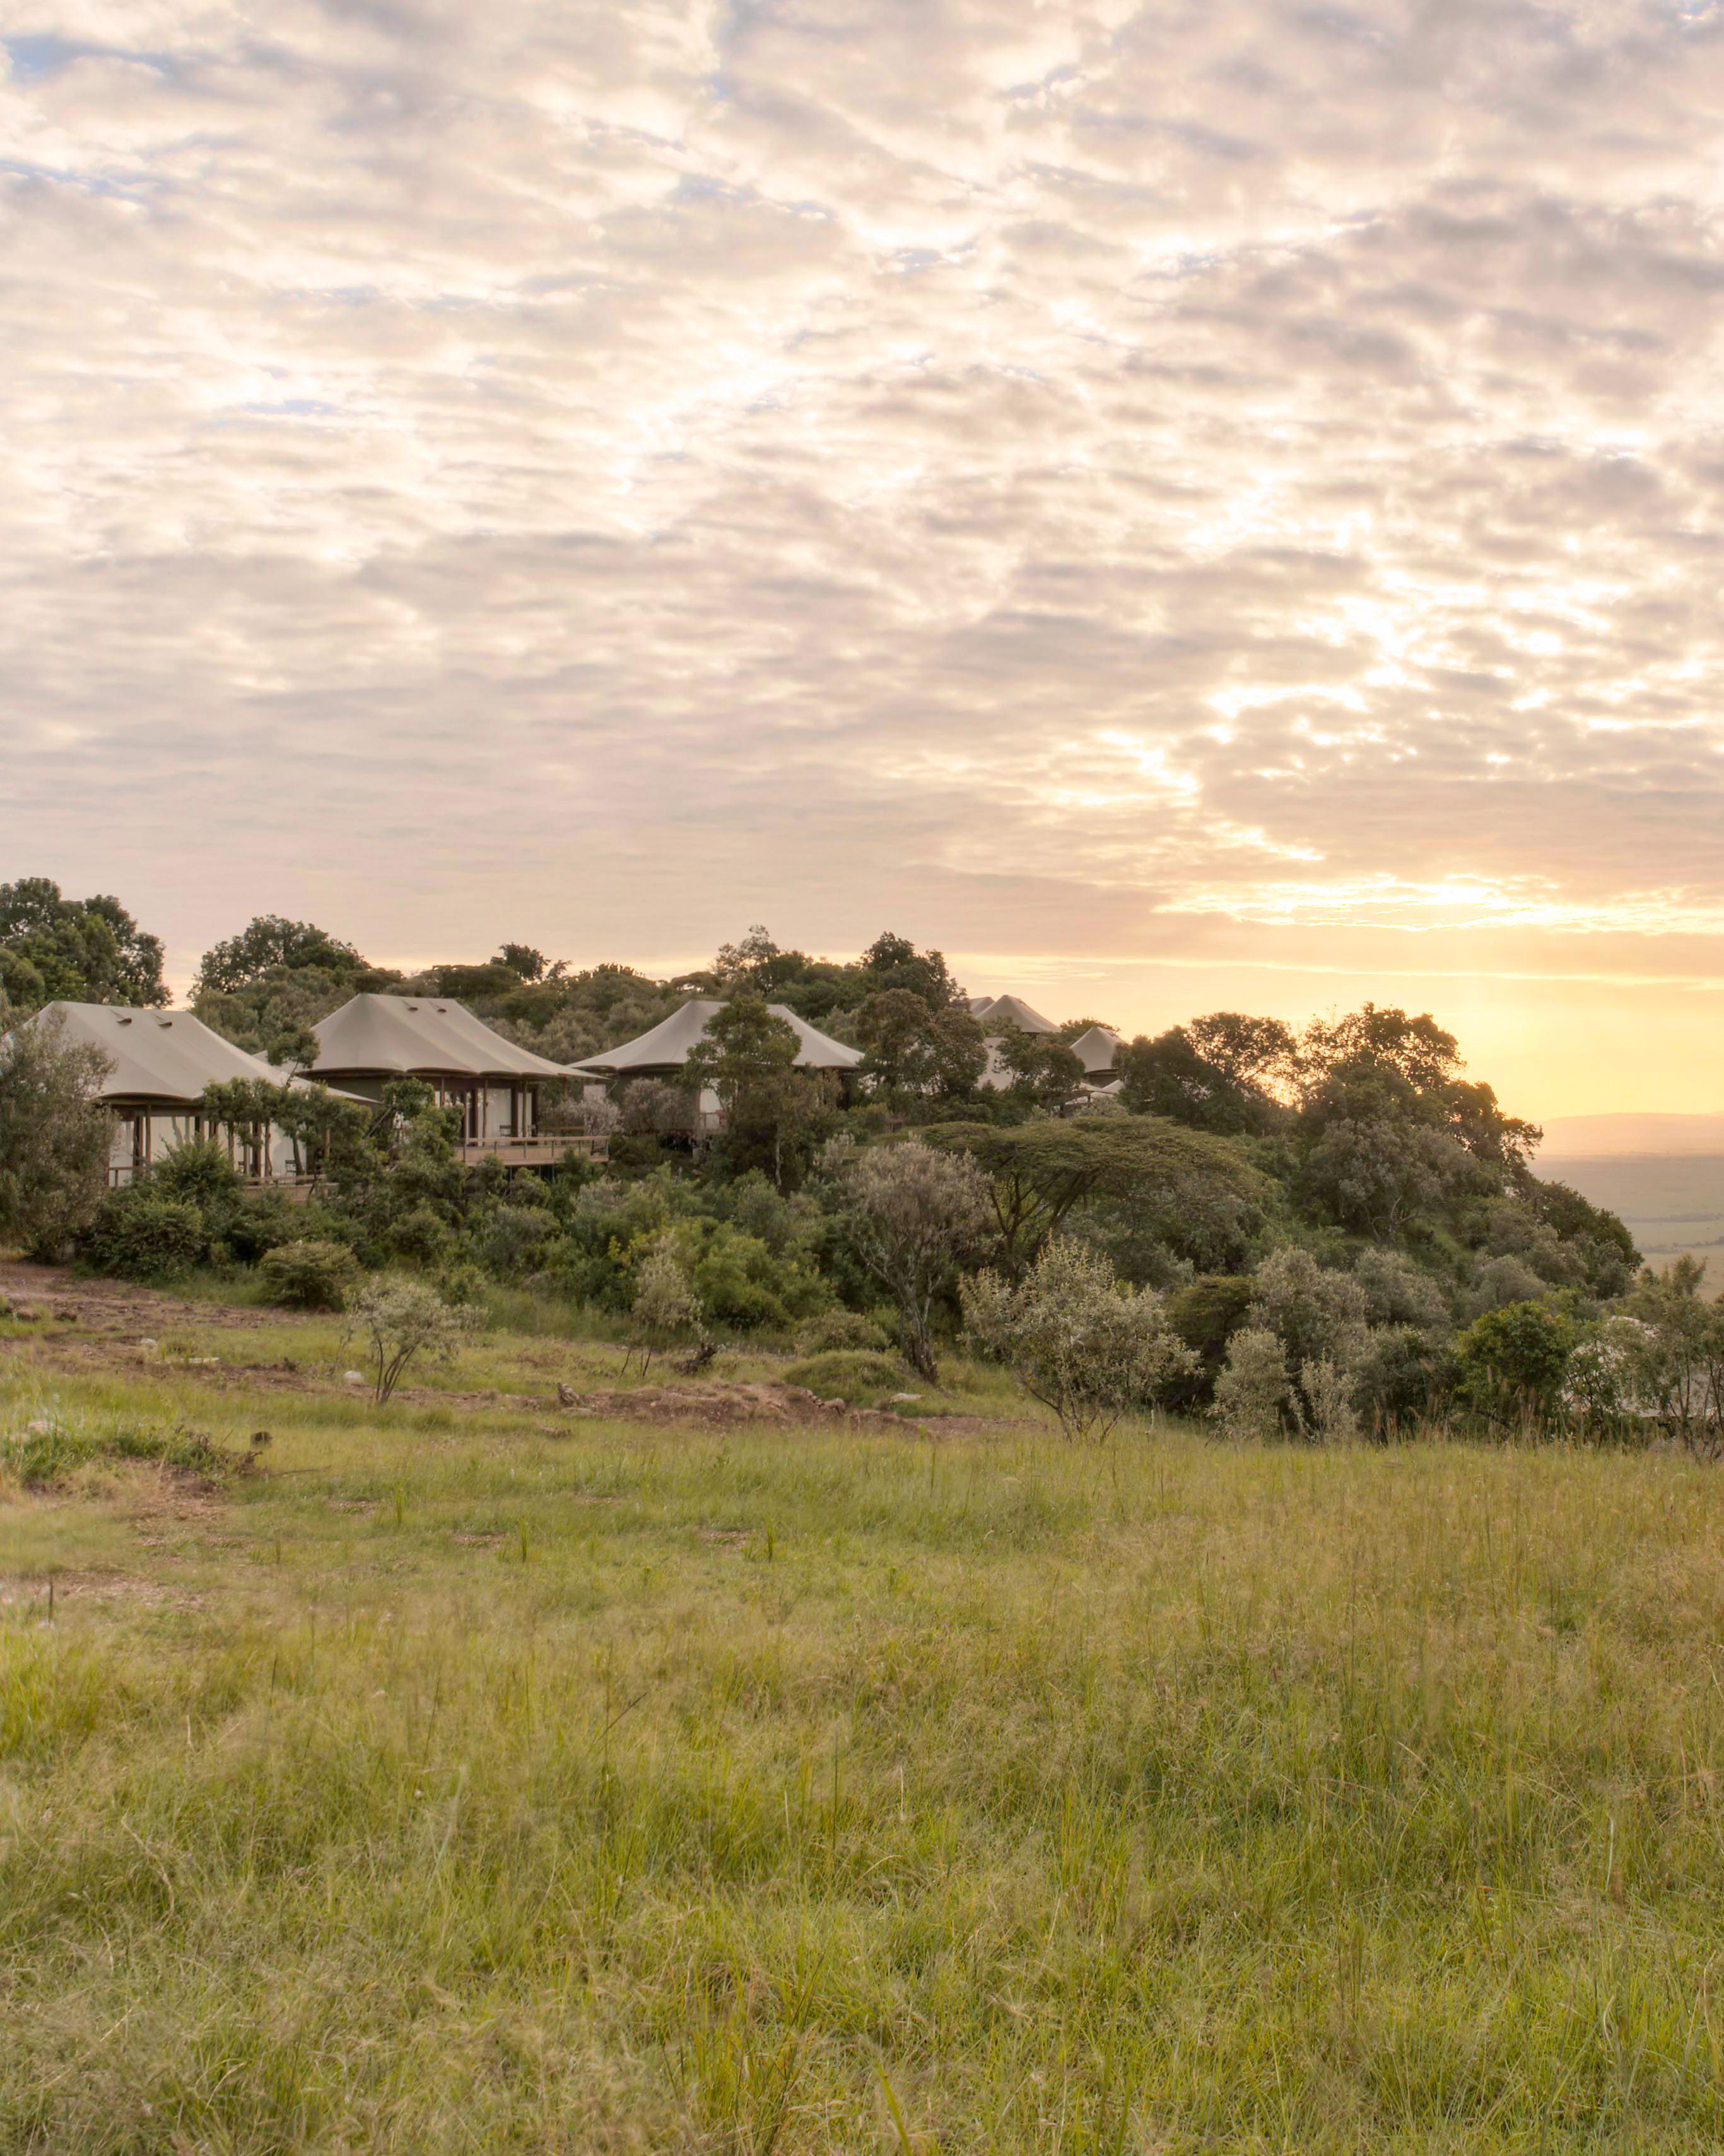 africa trip sunset view village